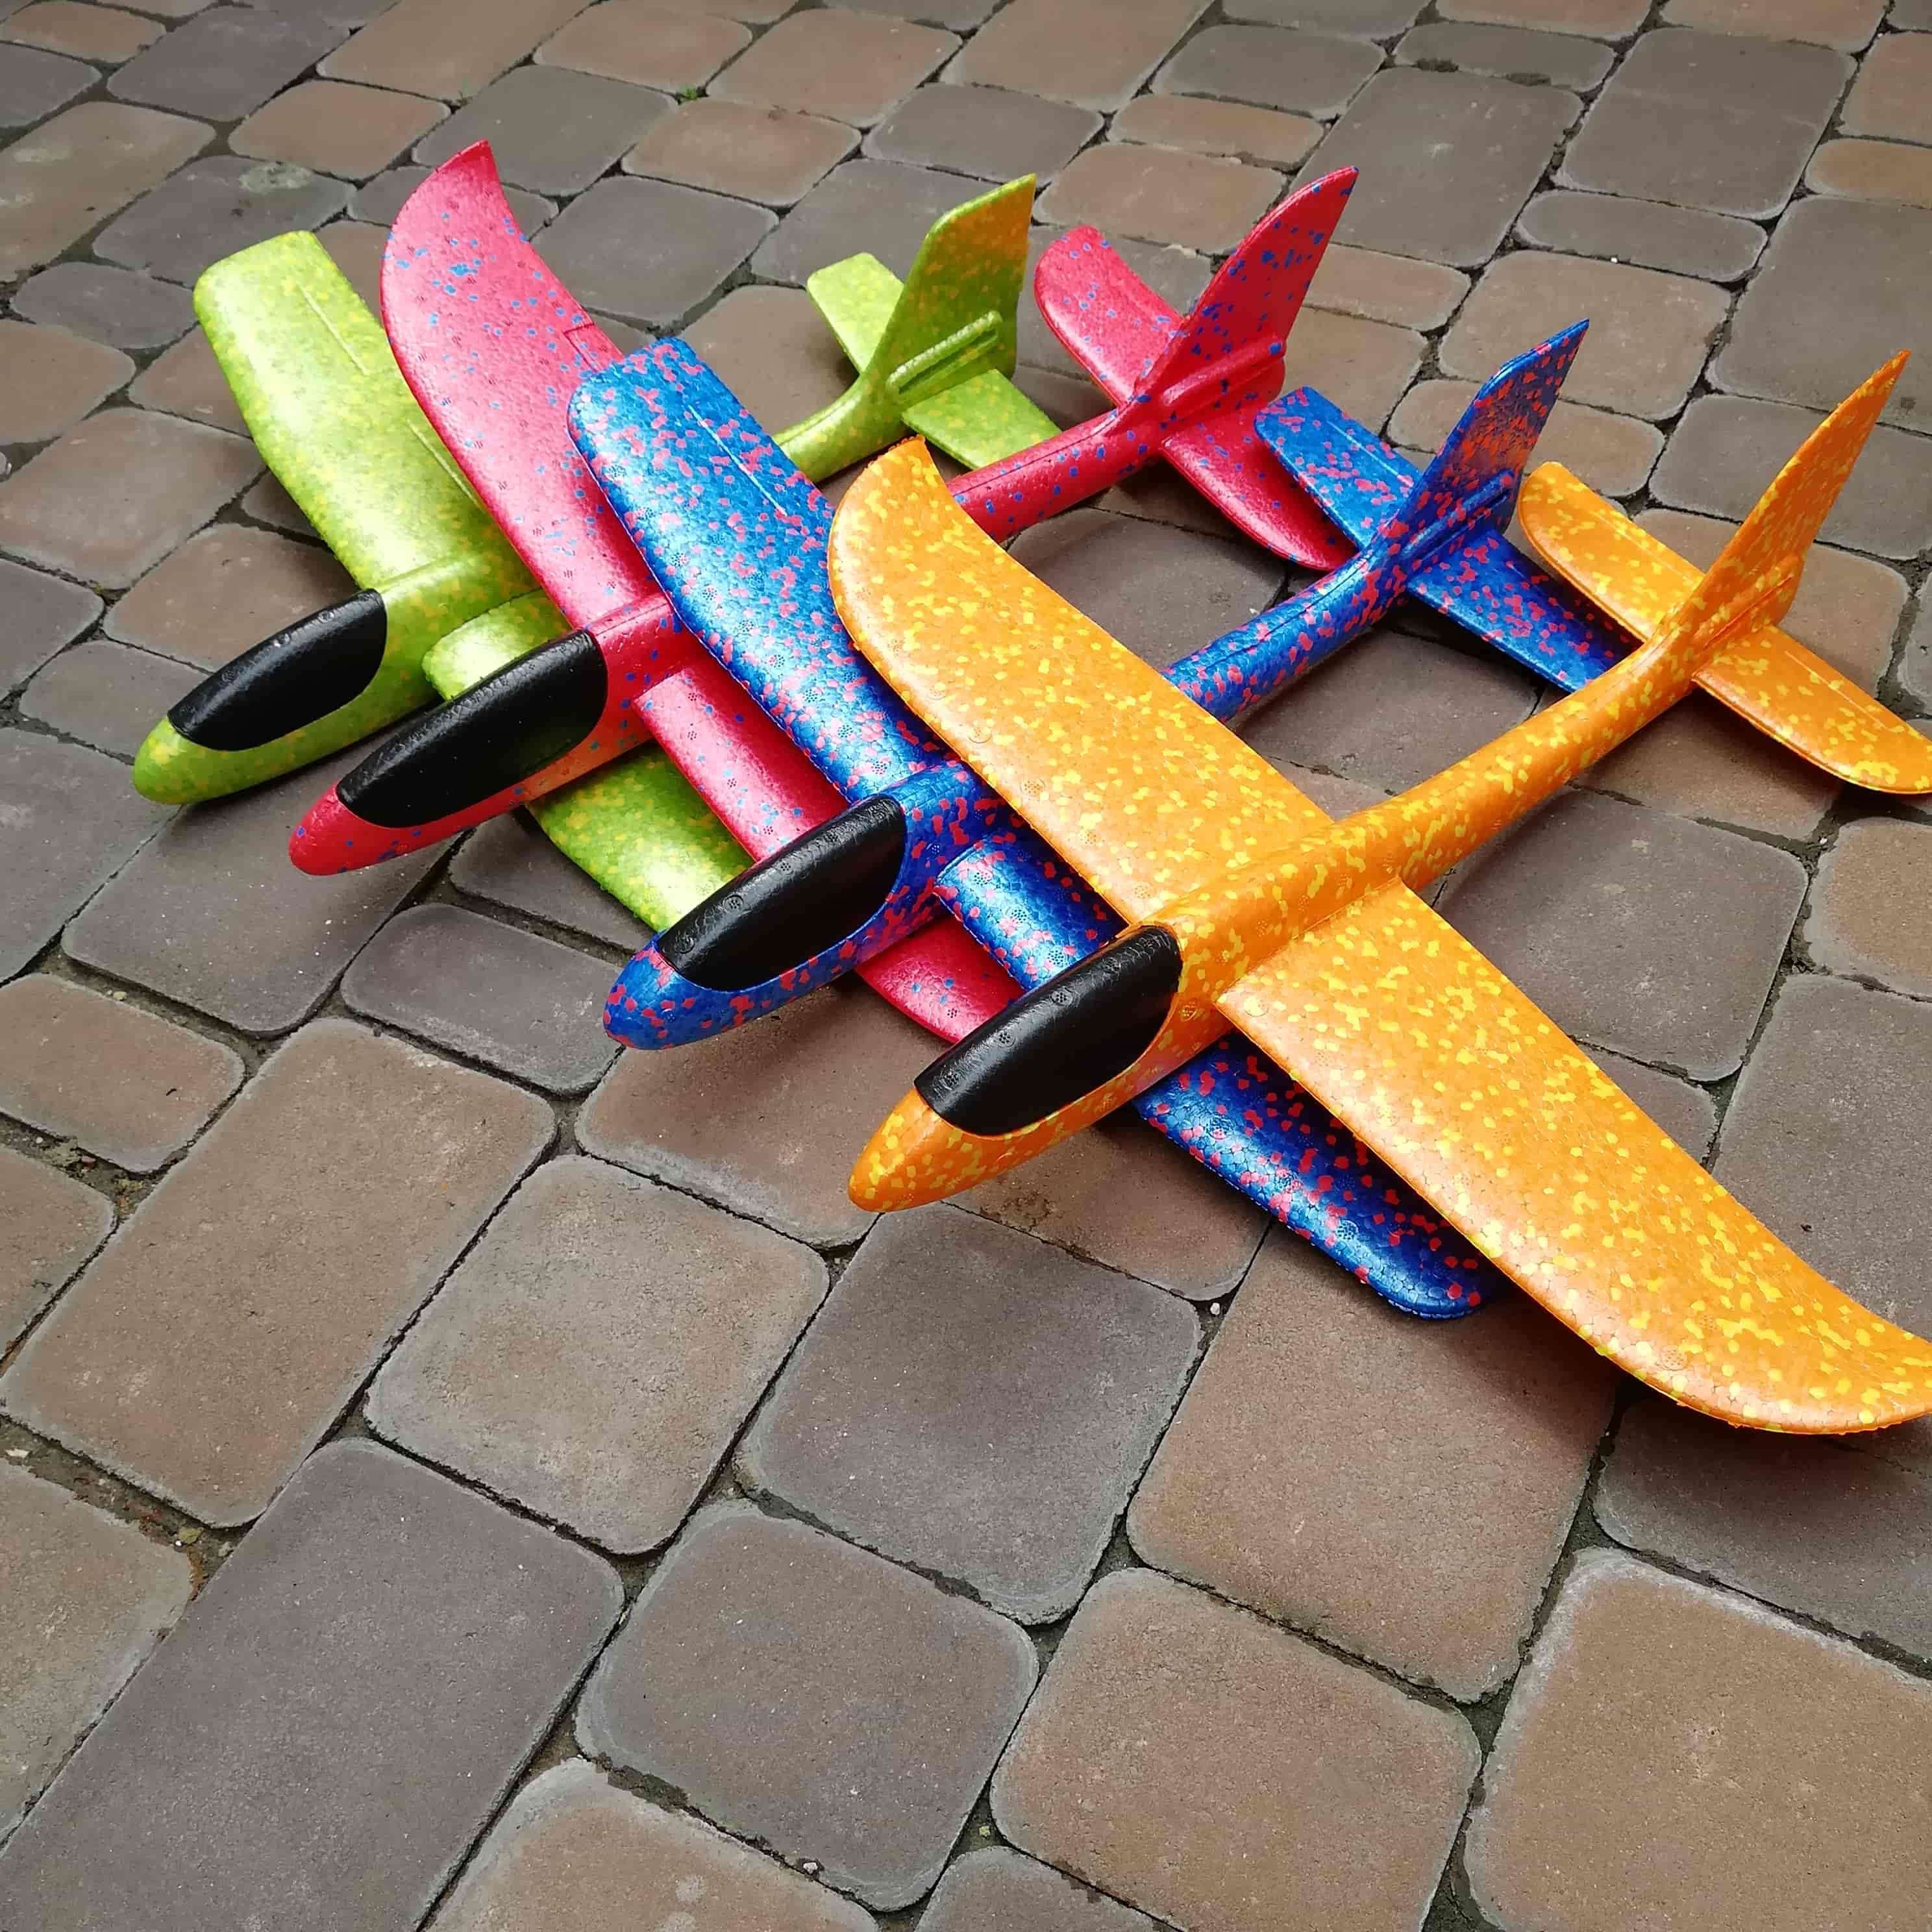 Самолет планер пенопластовый метательный